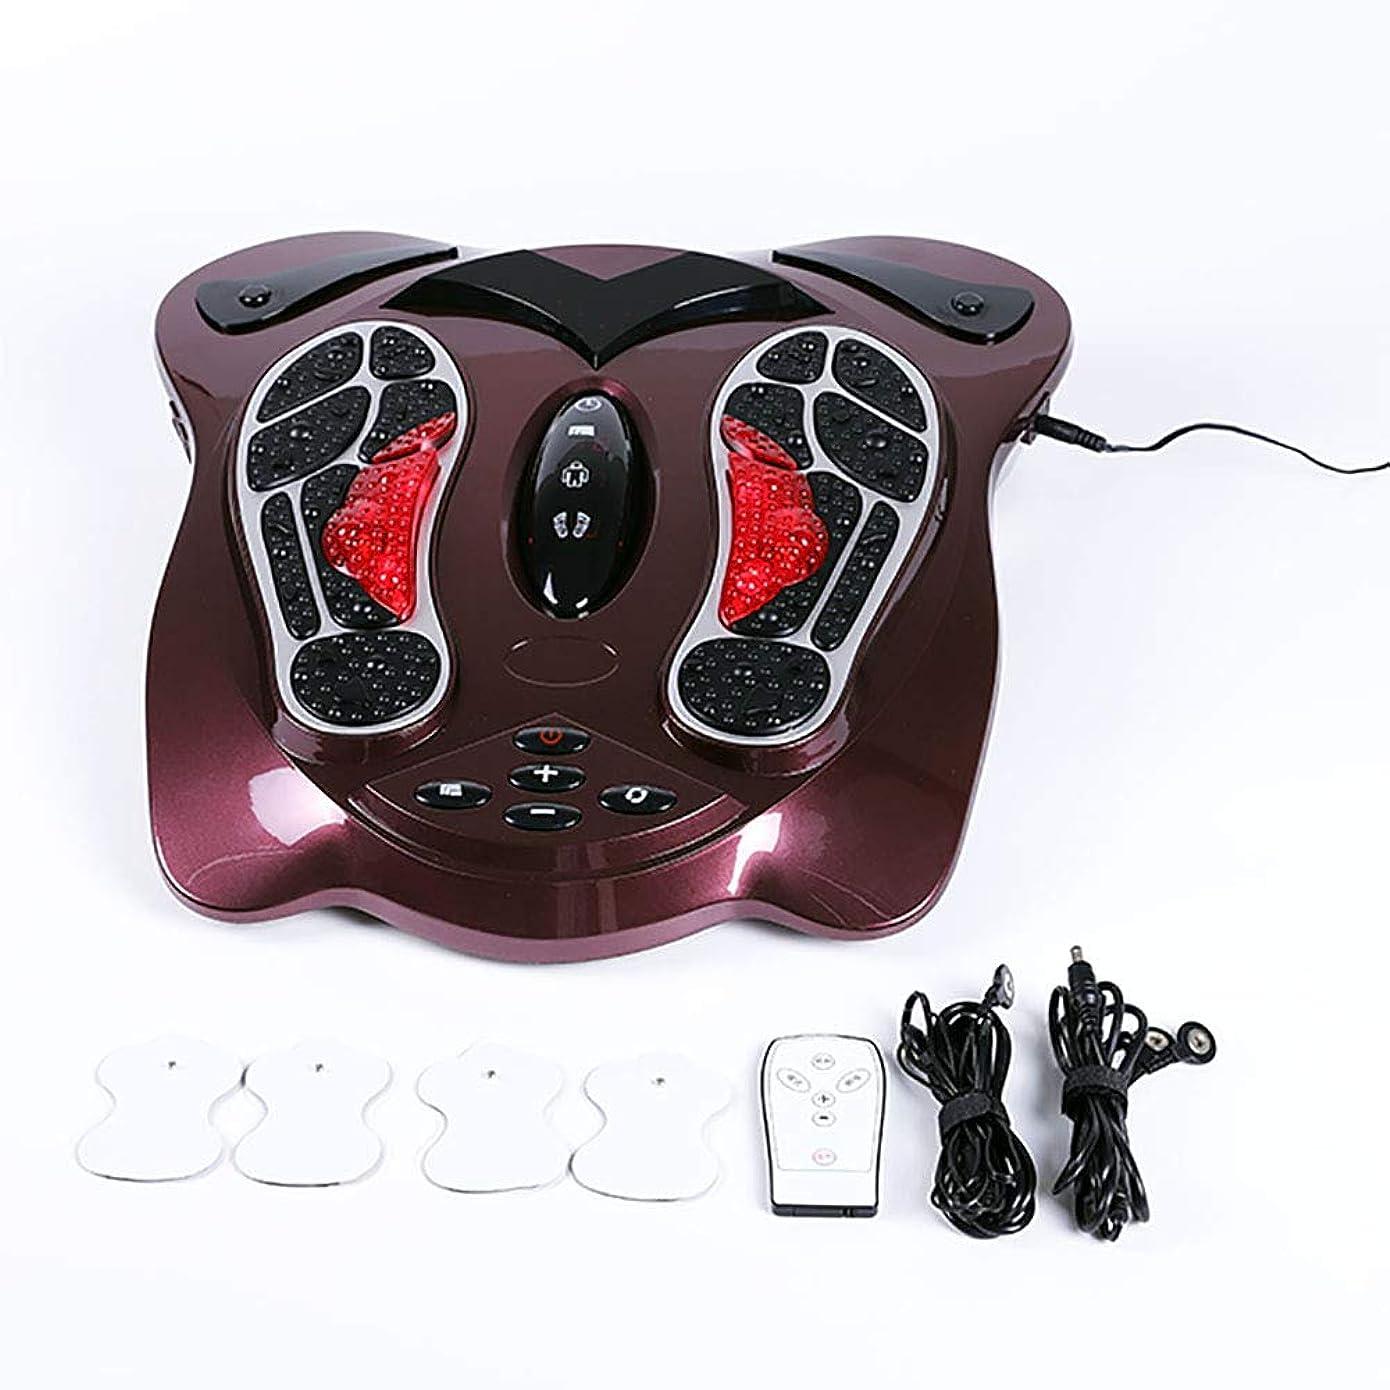 上げる避難する記念品足マッサージ機EMS電気筋肉刺激装置電気マッサージ療法リラックス治療装置用ふくらはぎ脚血循環と足底筋膜炎